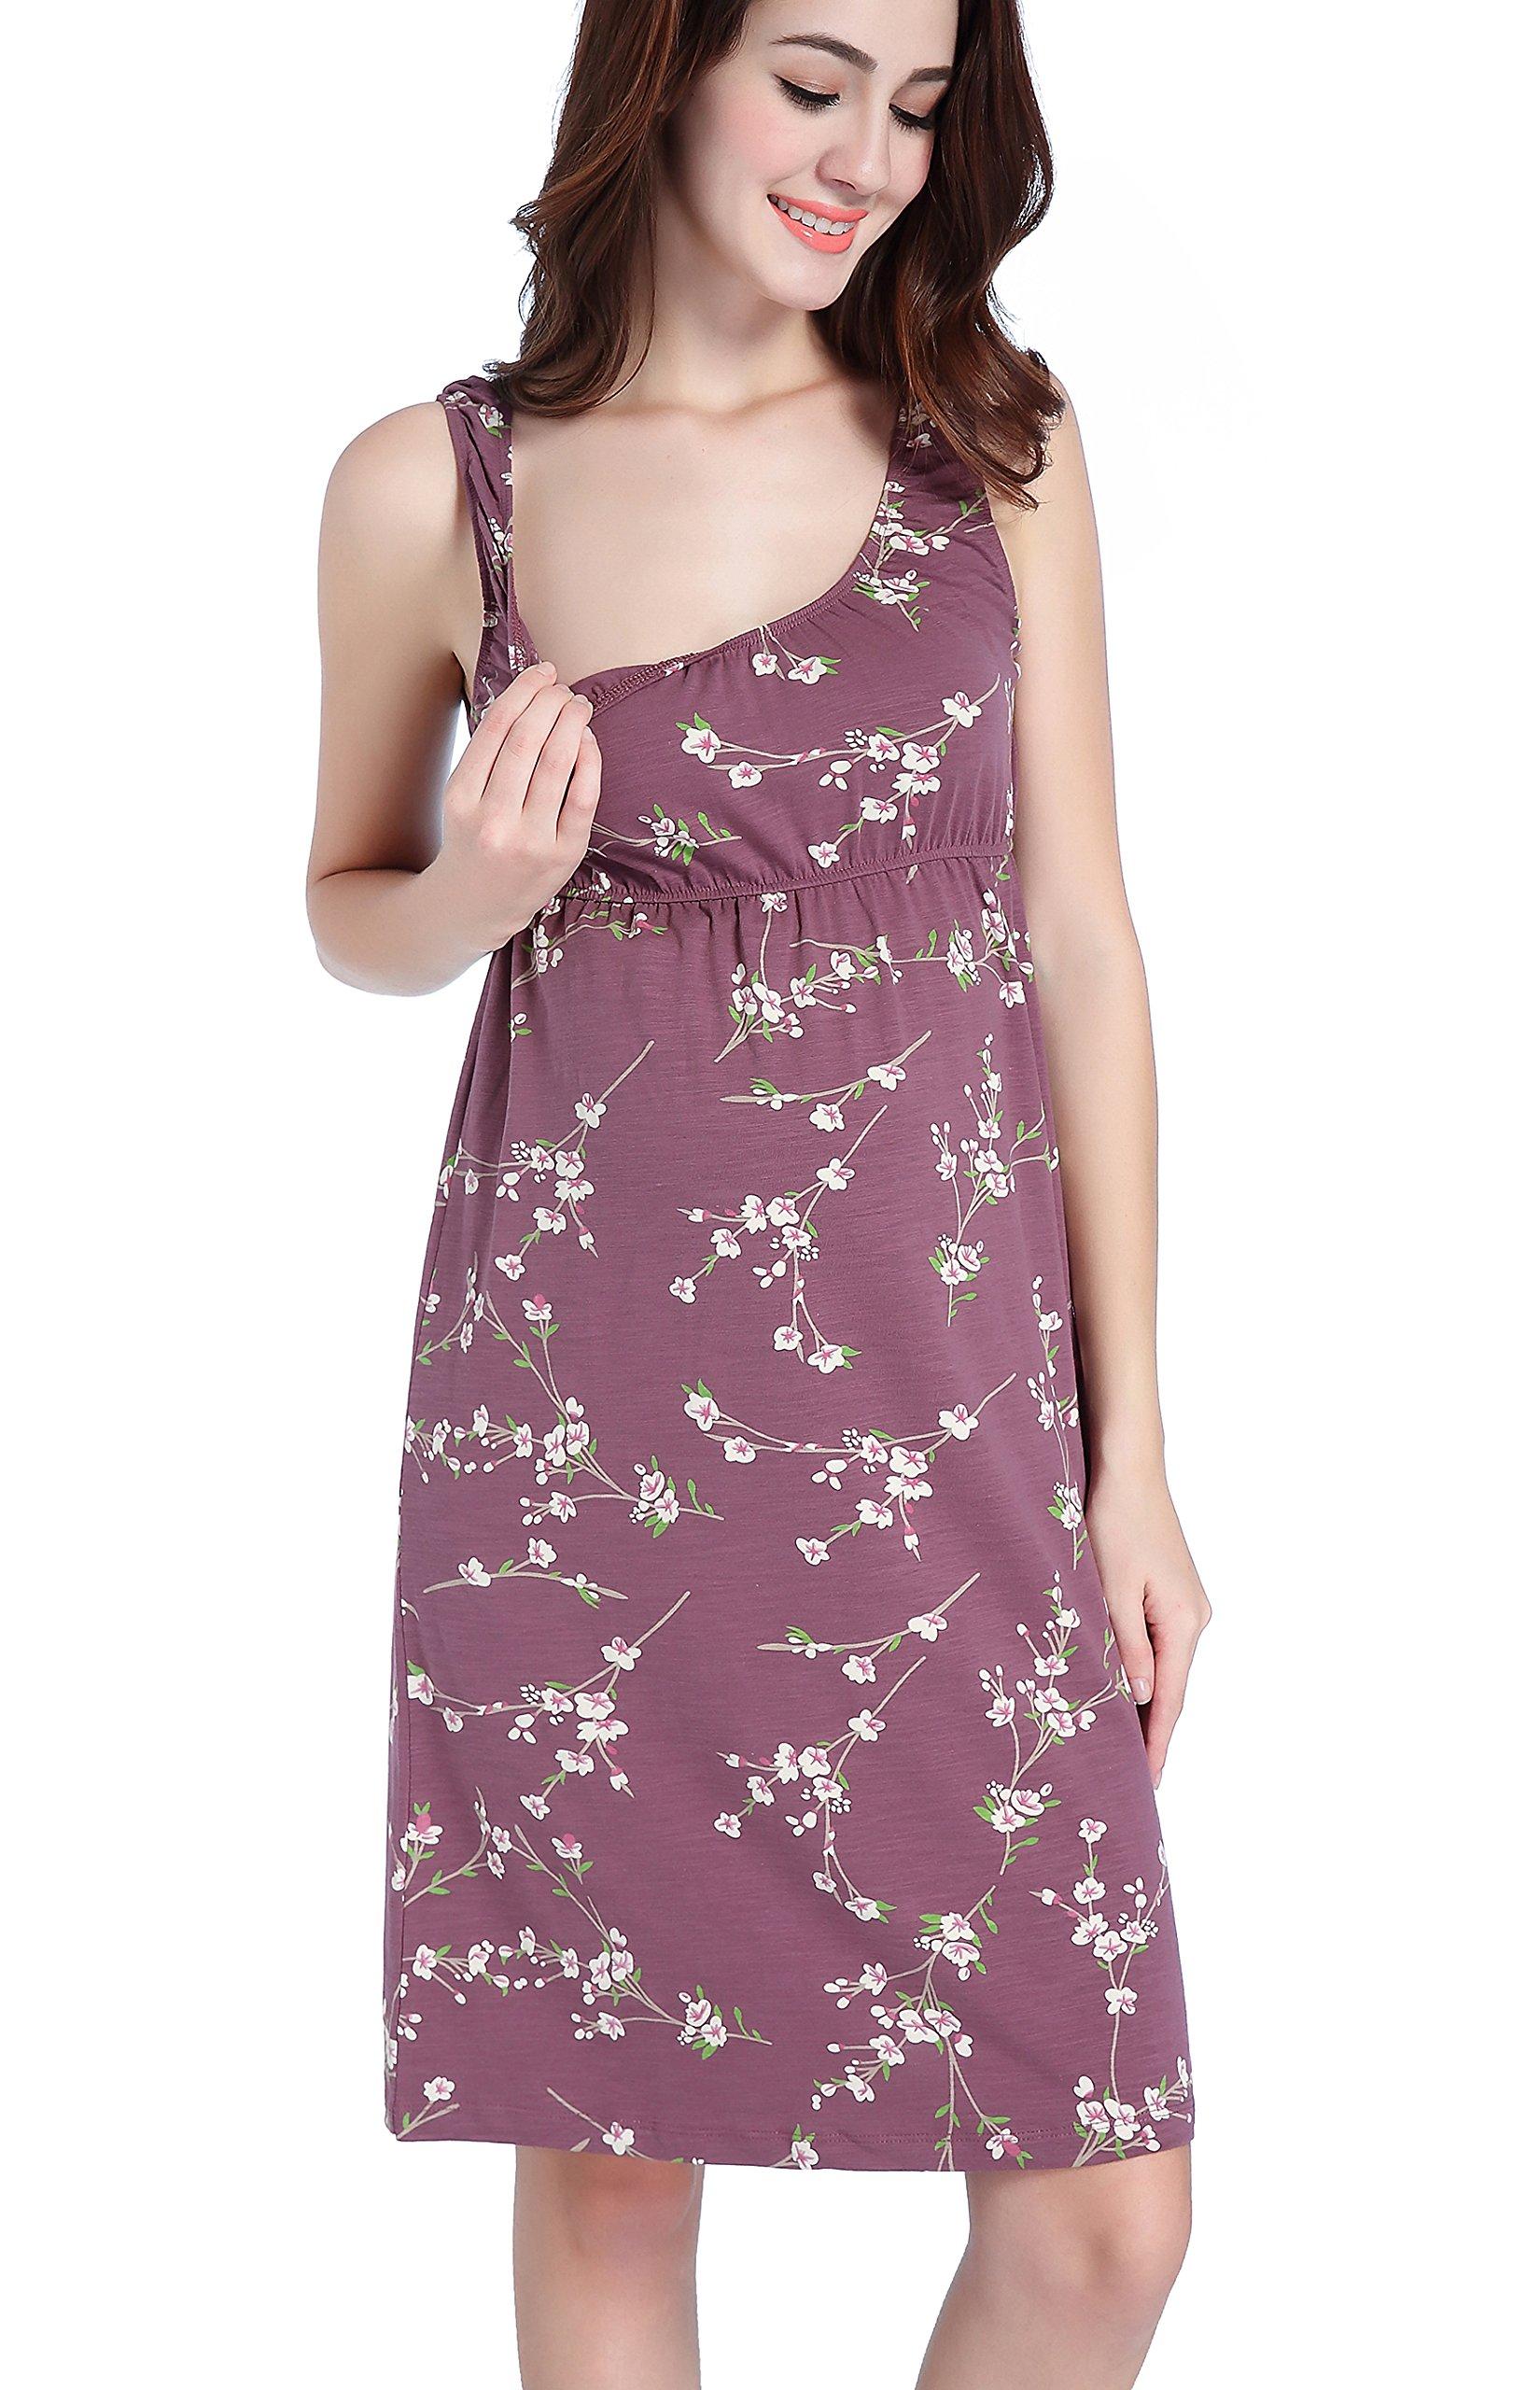 CAKYE Maternity Nursing Nightgown Pajamas Sleepwear For ...